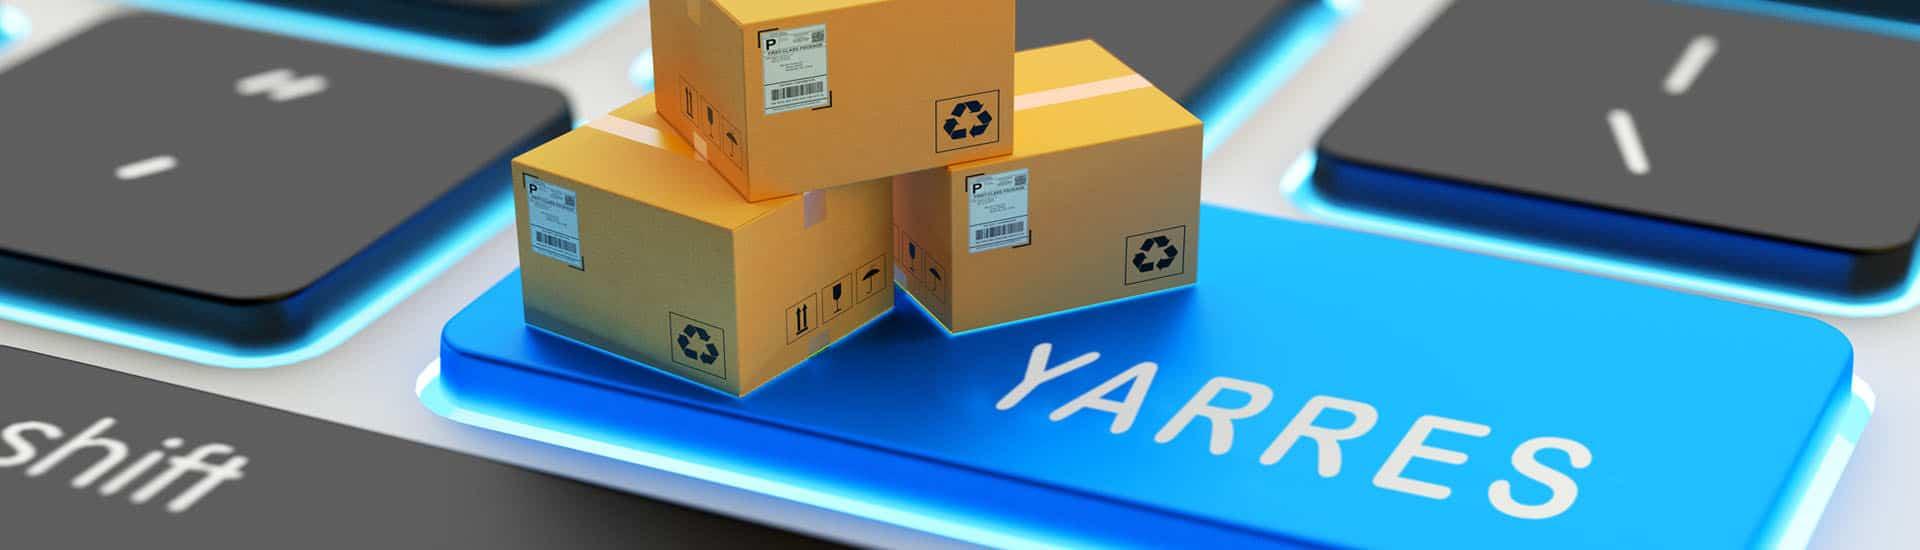 Unser Logistik Unternehmen